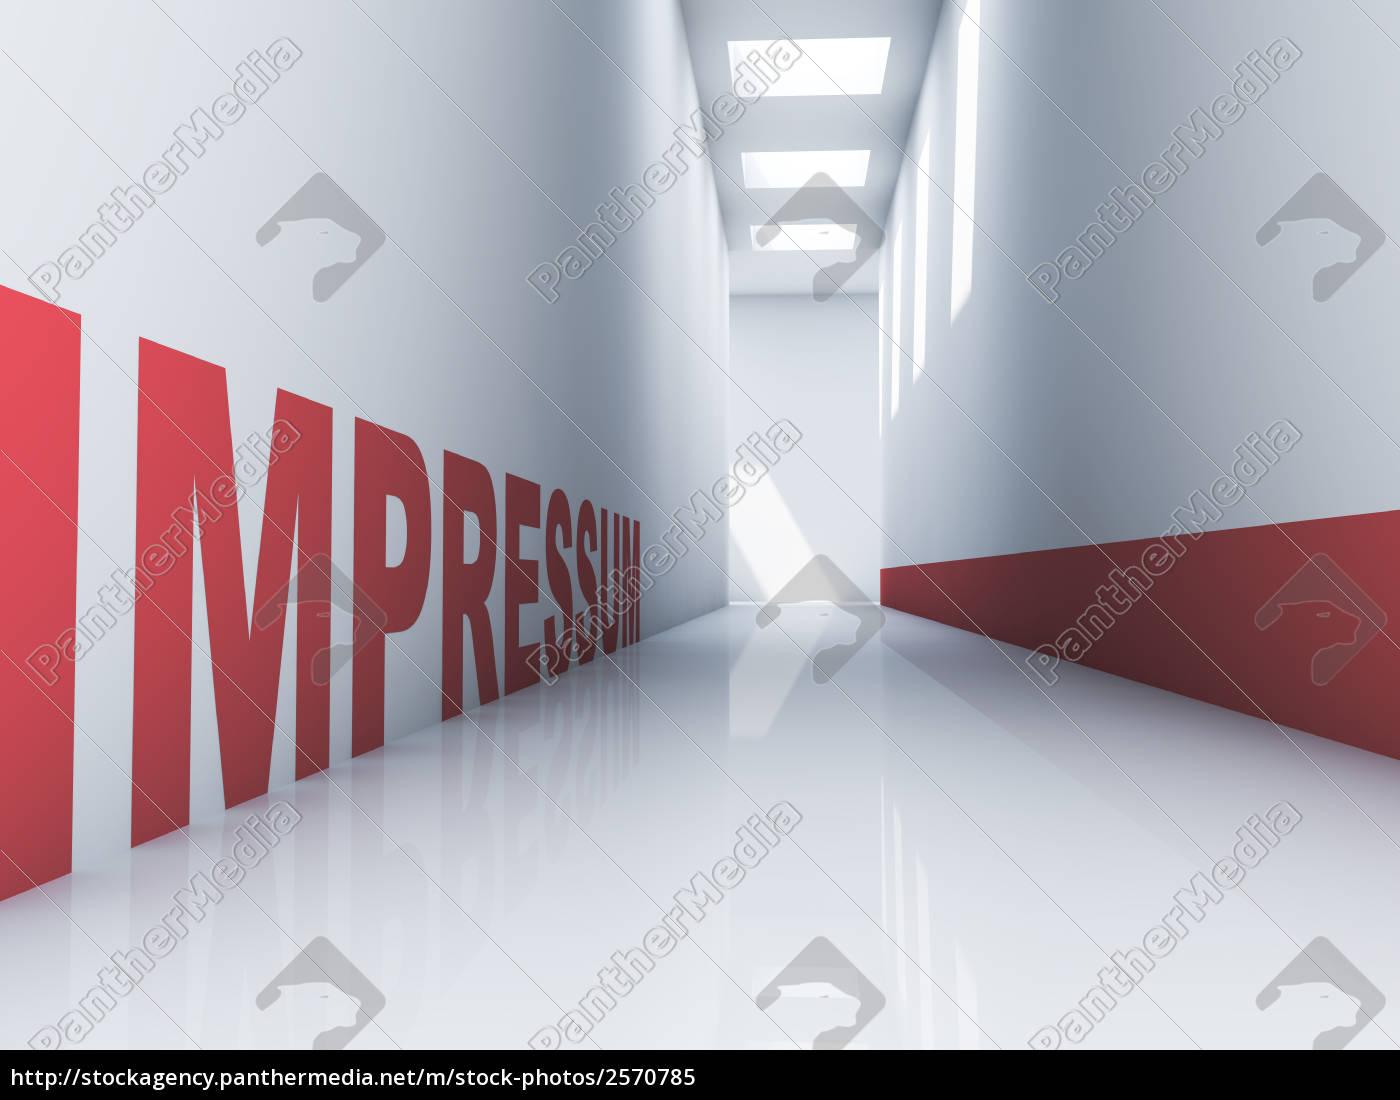 impressum - 2570785